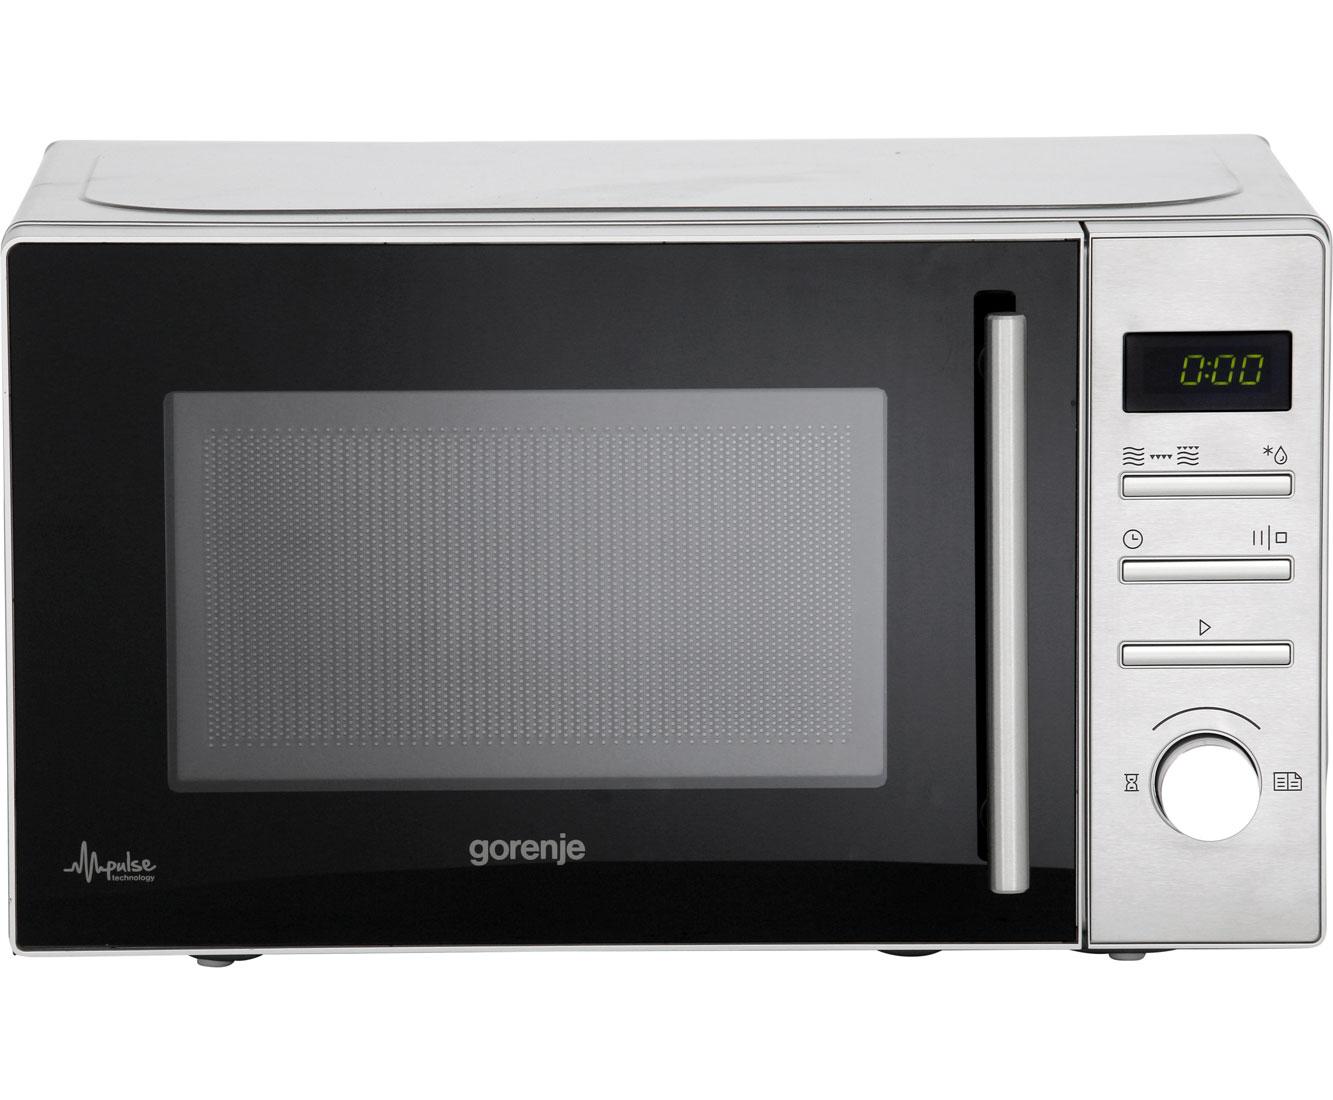 Gorenje MMO 20 DGE II Mikrowellen - Edelstahl | Küche und Esszimmer > Küchenelektrogeräte > Mikrowellen | Edelstahl | Gorenje